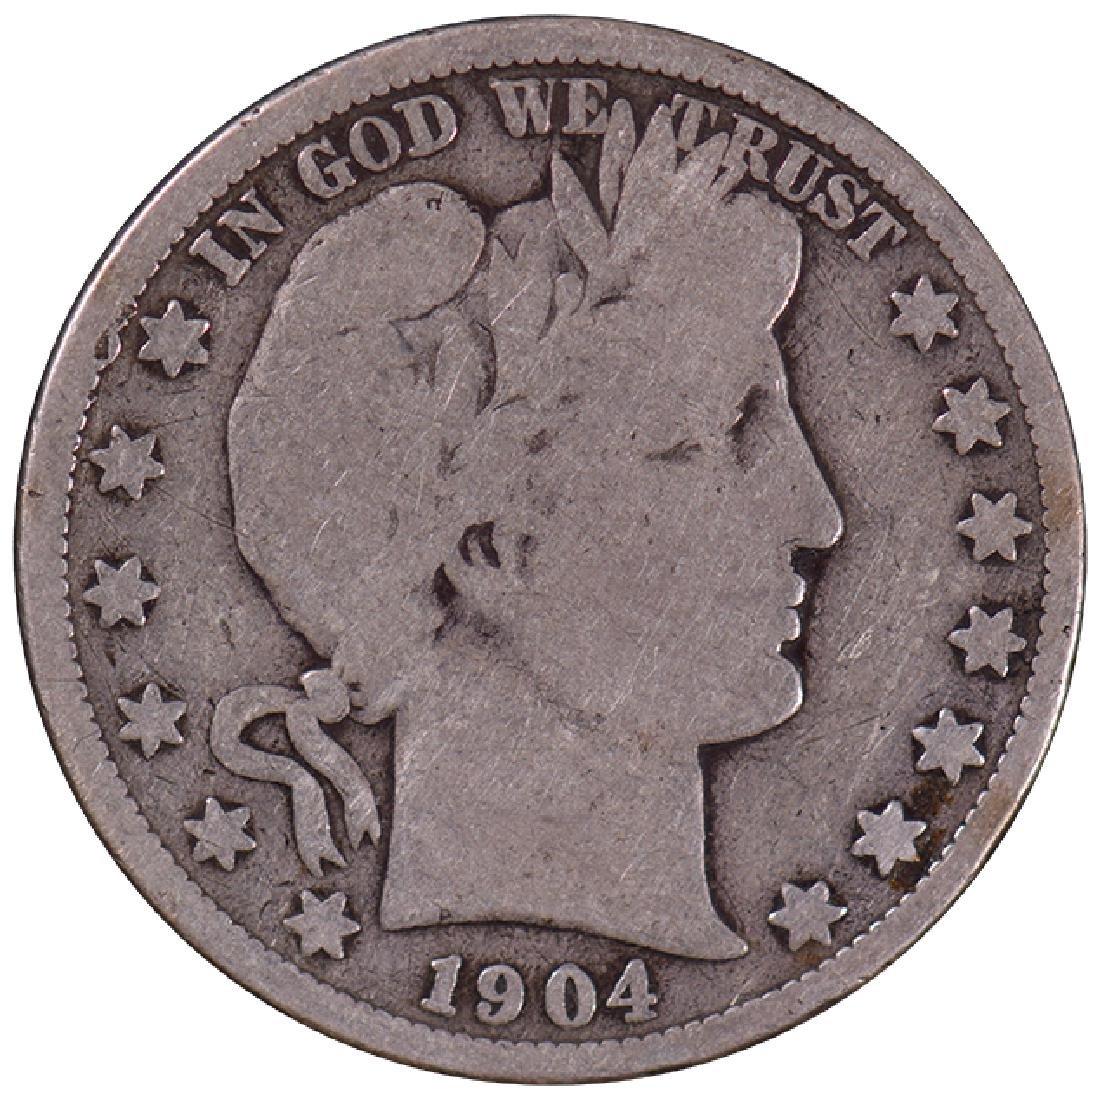 1904-S Barber Half Dollar Coin